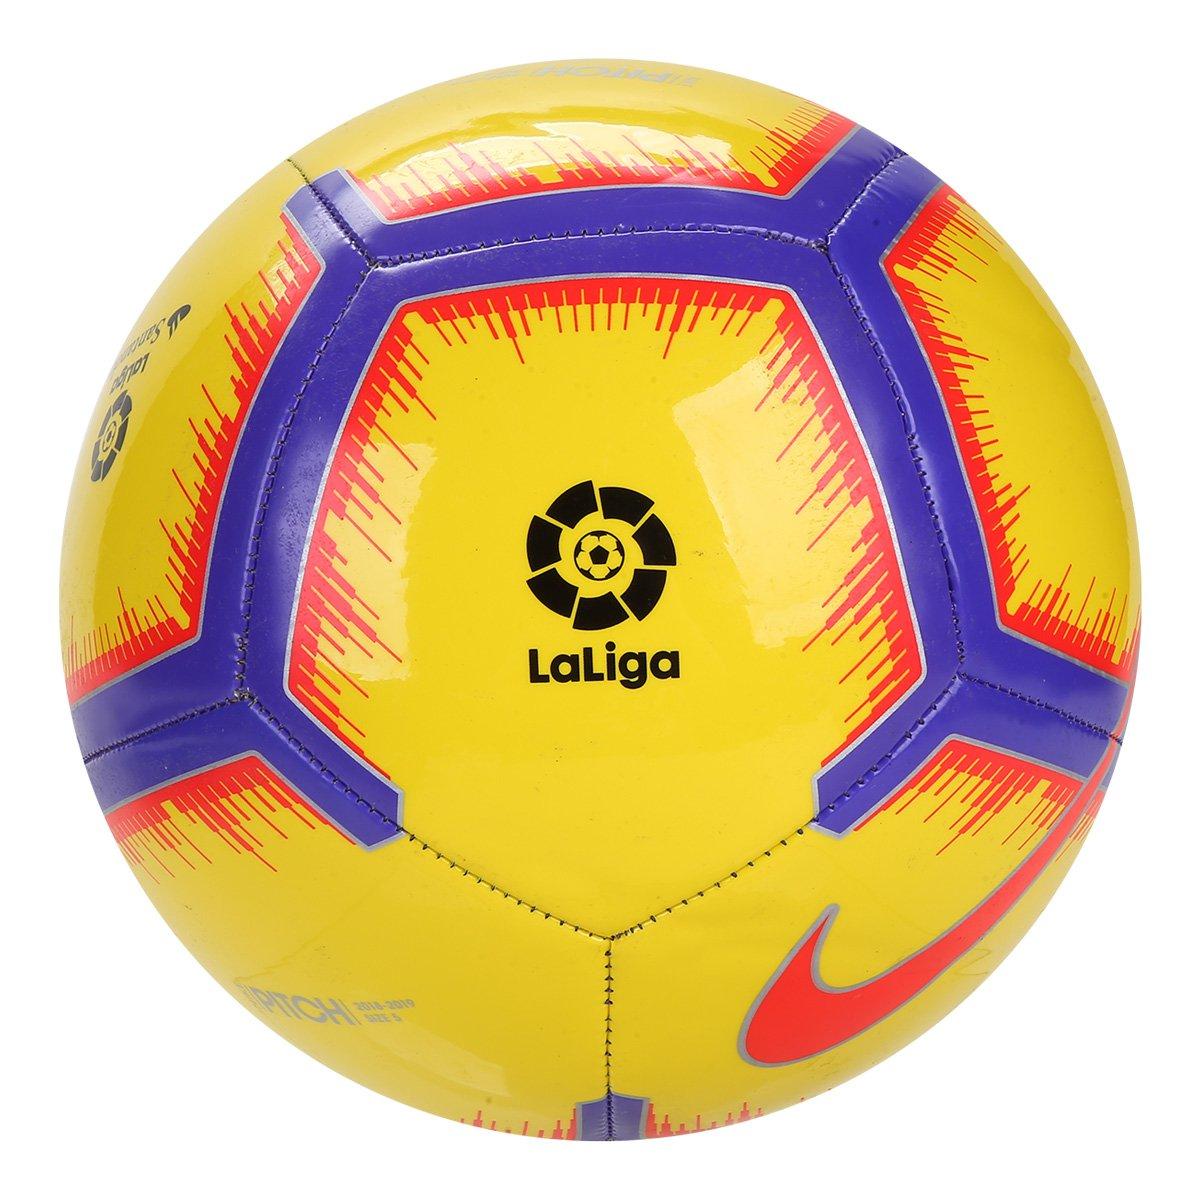 4bd518ede3 Bola de Futebol Campo Nike La Liga Pitch - Amarelo - Compre Agora ...